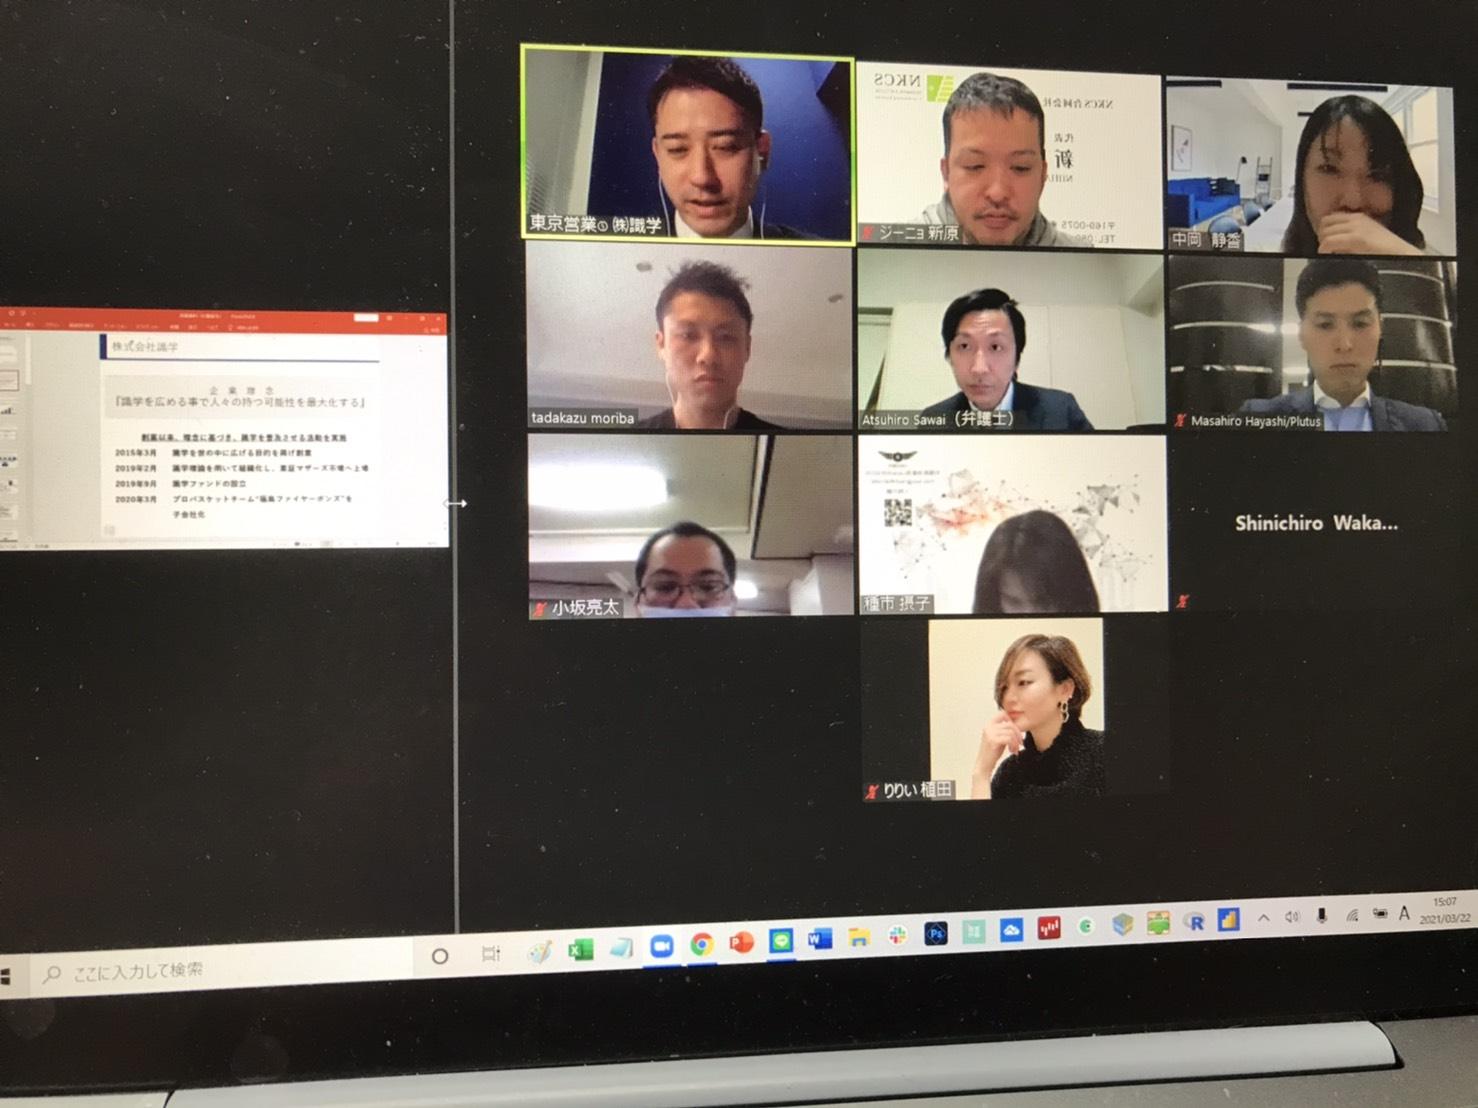 3月22日(月) 15:00~ 【識学】NKCS勉強会~士業の学び場~を開催しました